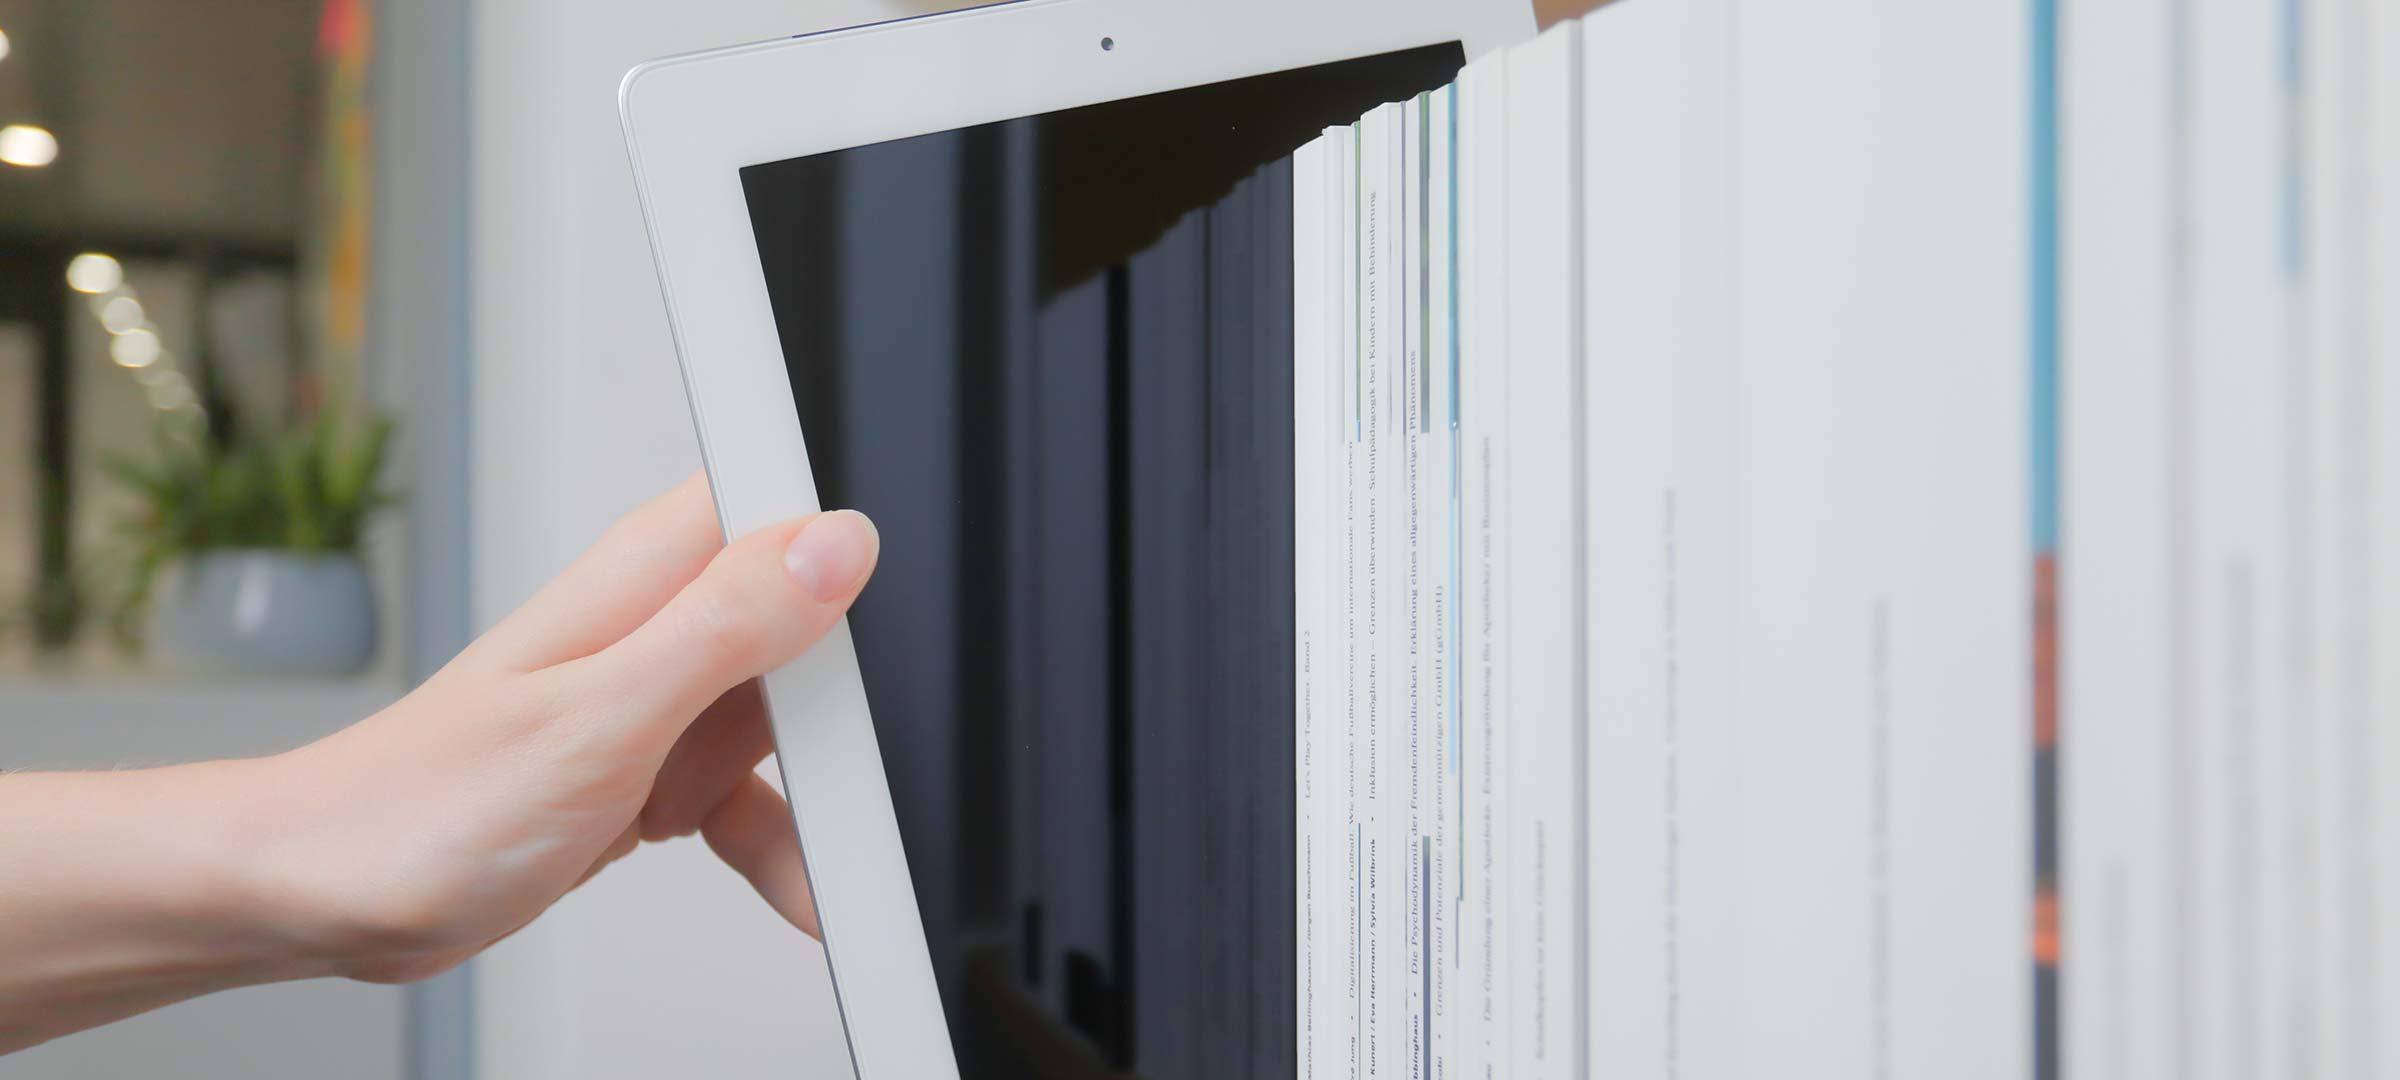 Titelbild: Tablet in einem Regal mit Büchern